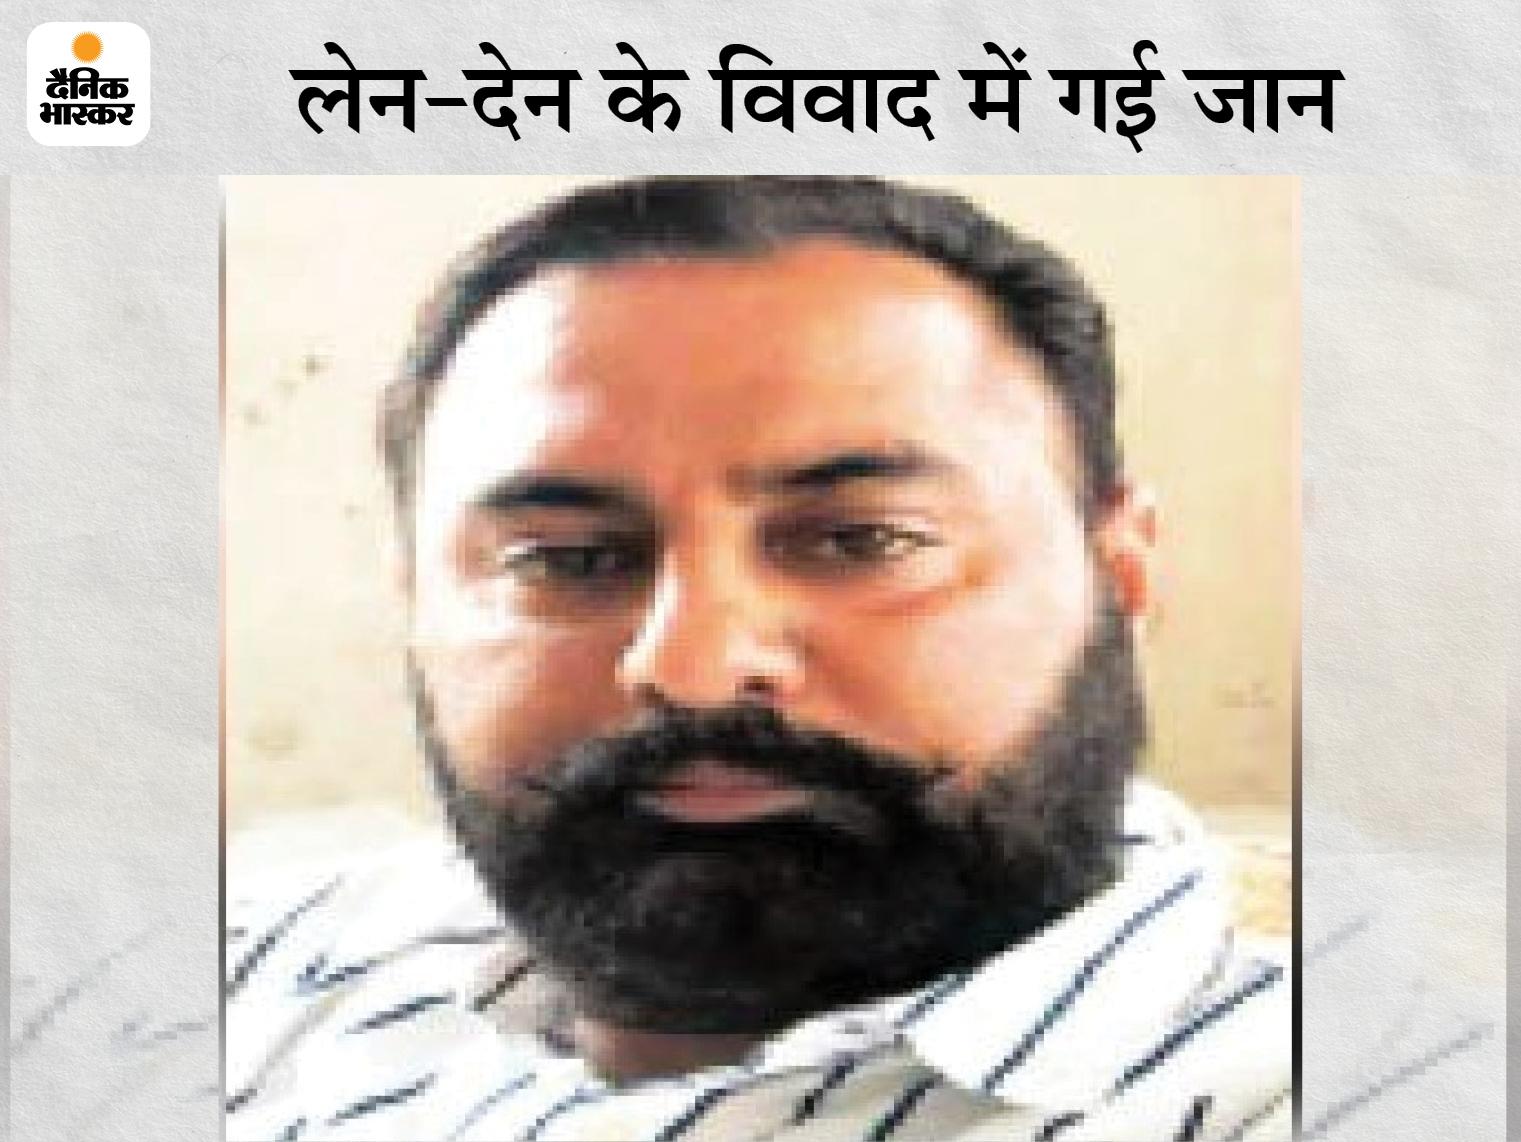 आरोपियों ने प्रॉपर्टी देखने के बहाने बुलाकर किराए के मकान में बनायाबंधक; उसी का रिवॉल्वर छीनकर गाड़ी में मार दी चार गोलियां चंडीगढ़,Chandigarh - Dainik Bhaskar